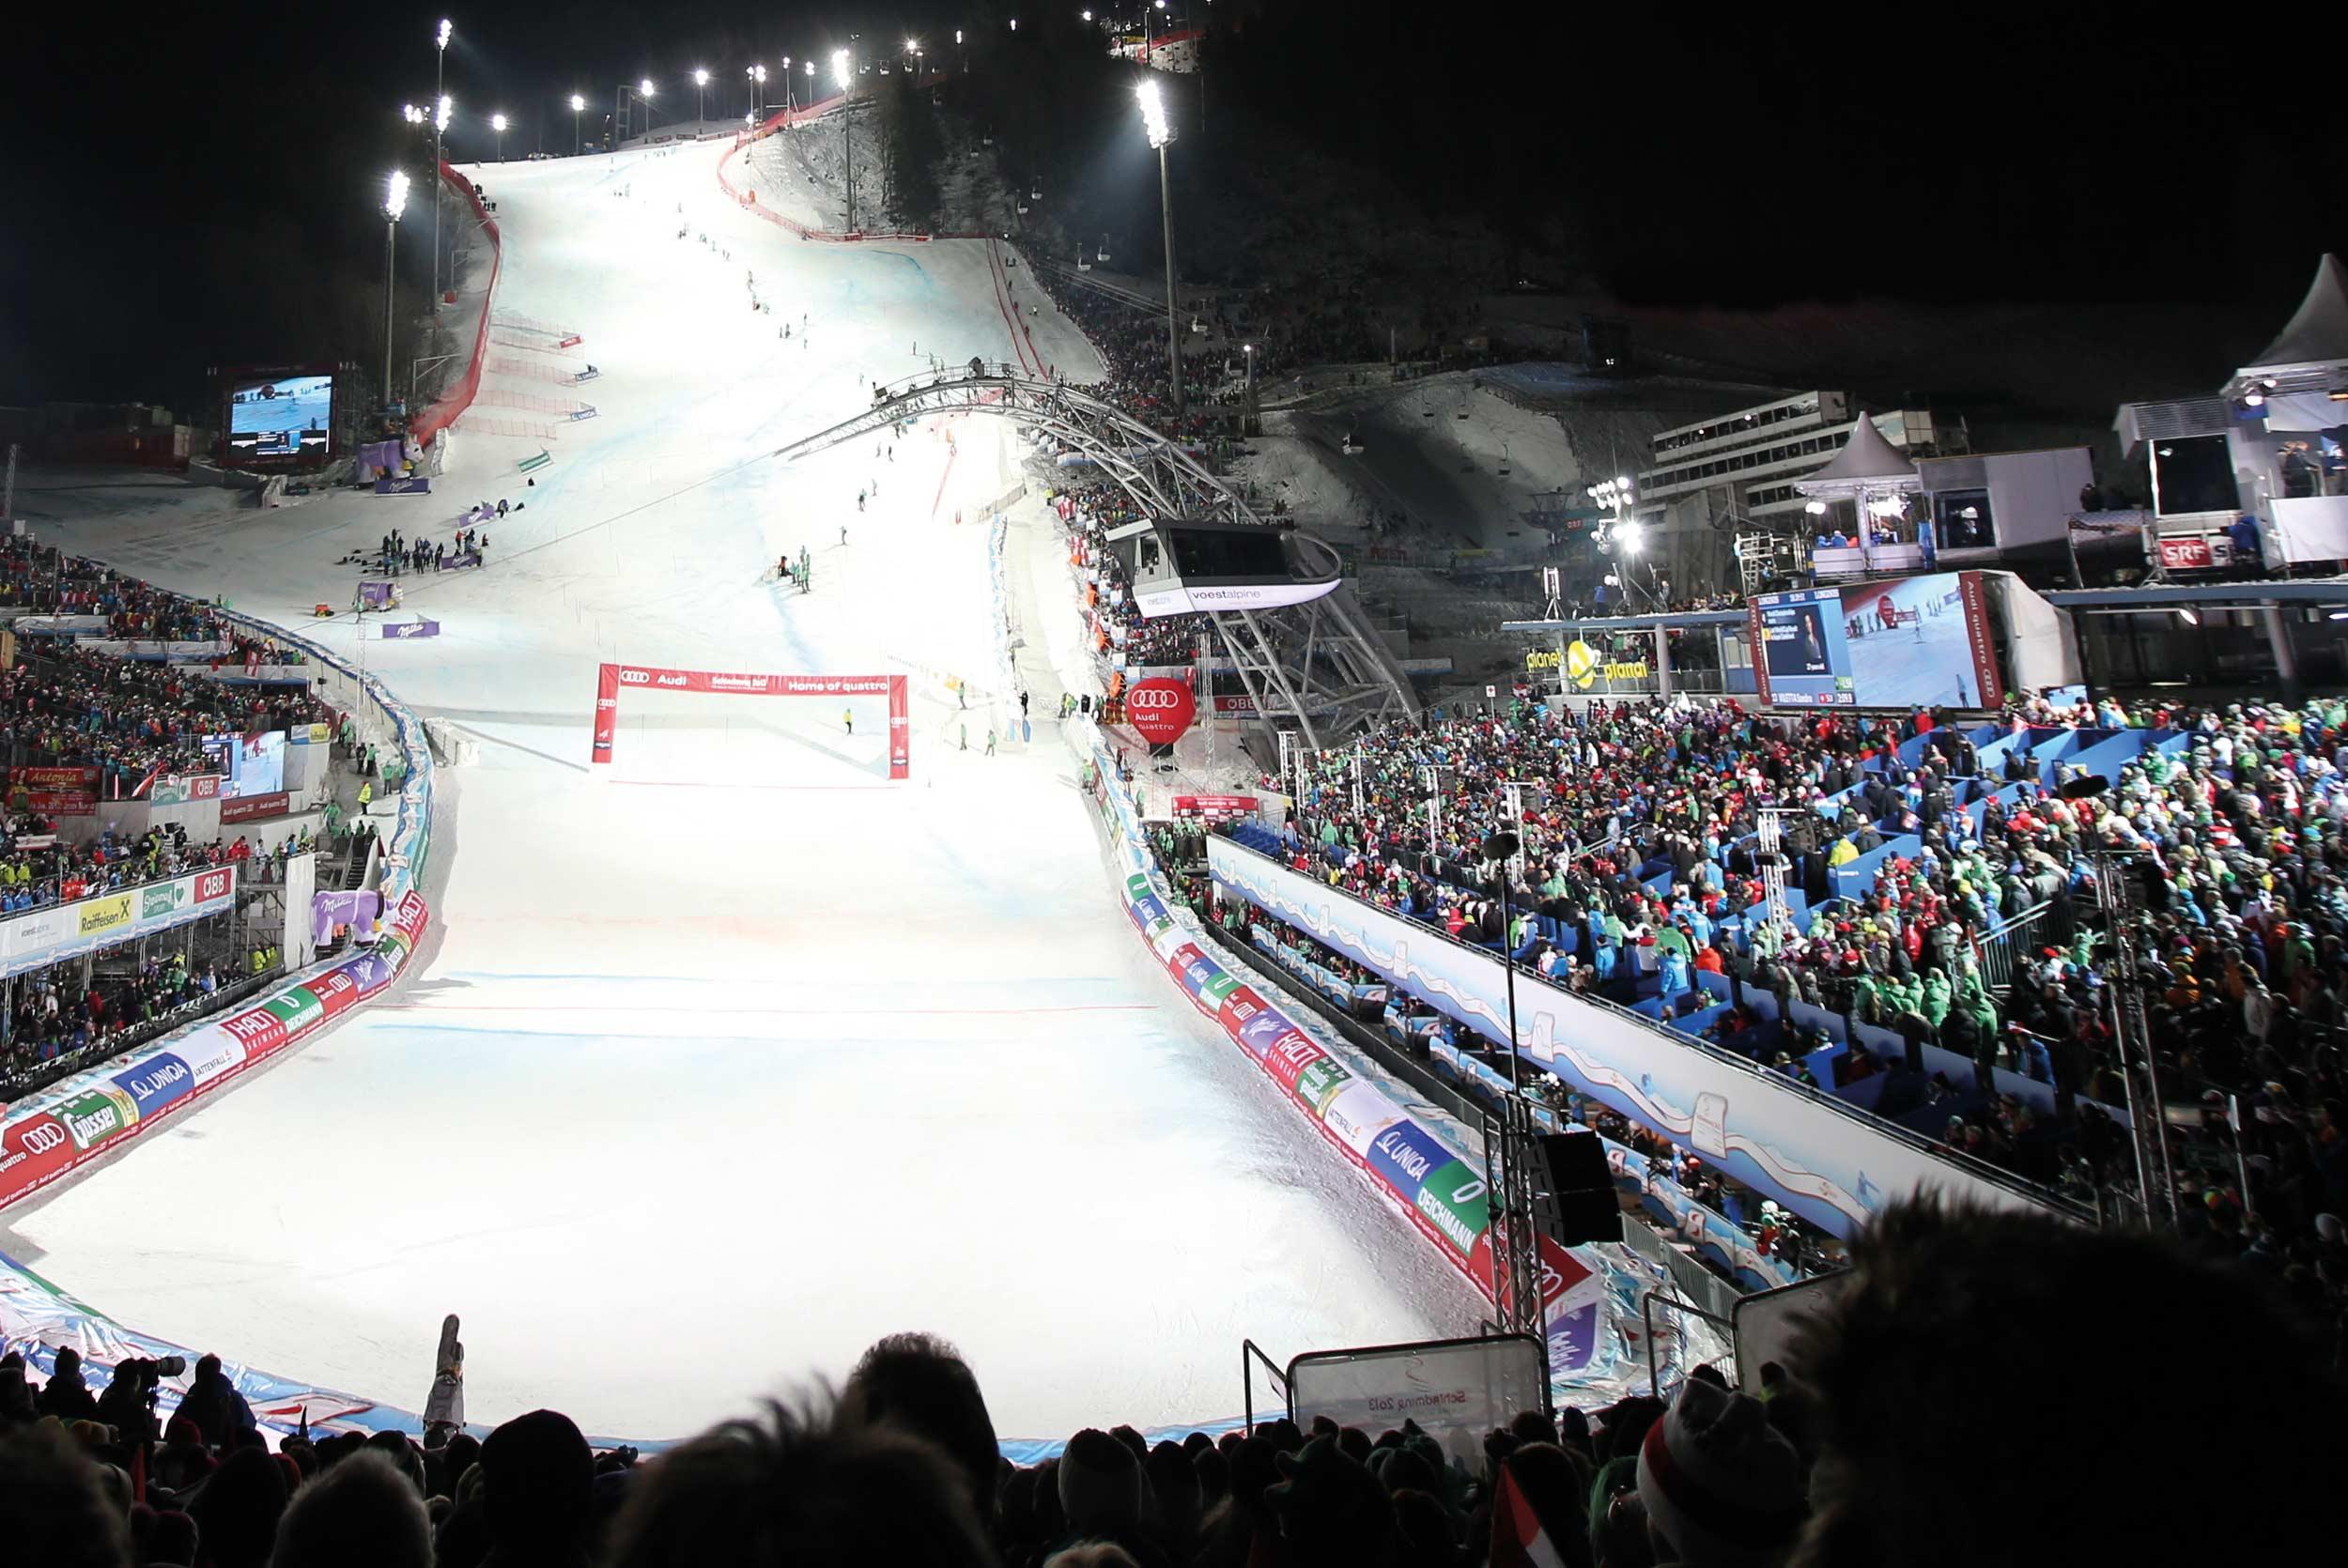 Alpsko skijnaje noćni slalom u Šladmingu skijanje rs